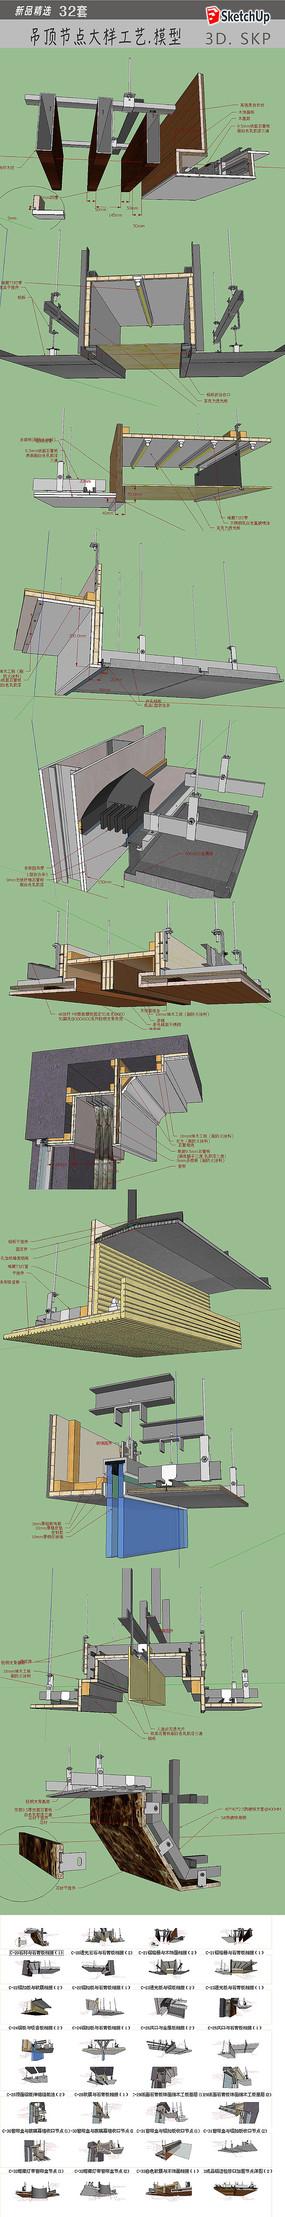 室内吊顶施工节点模型